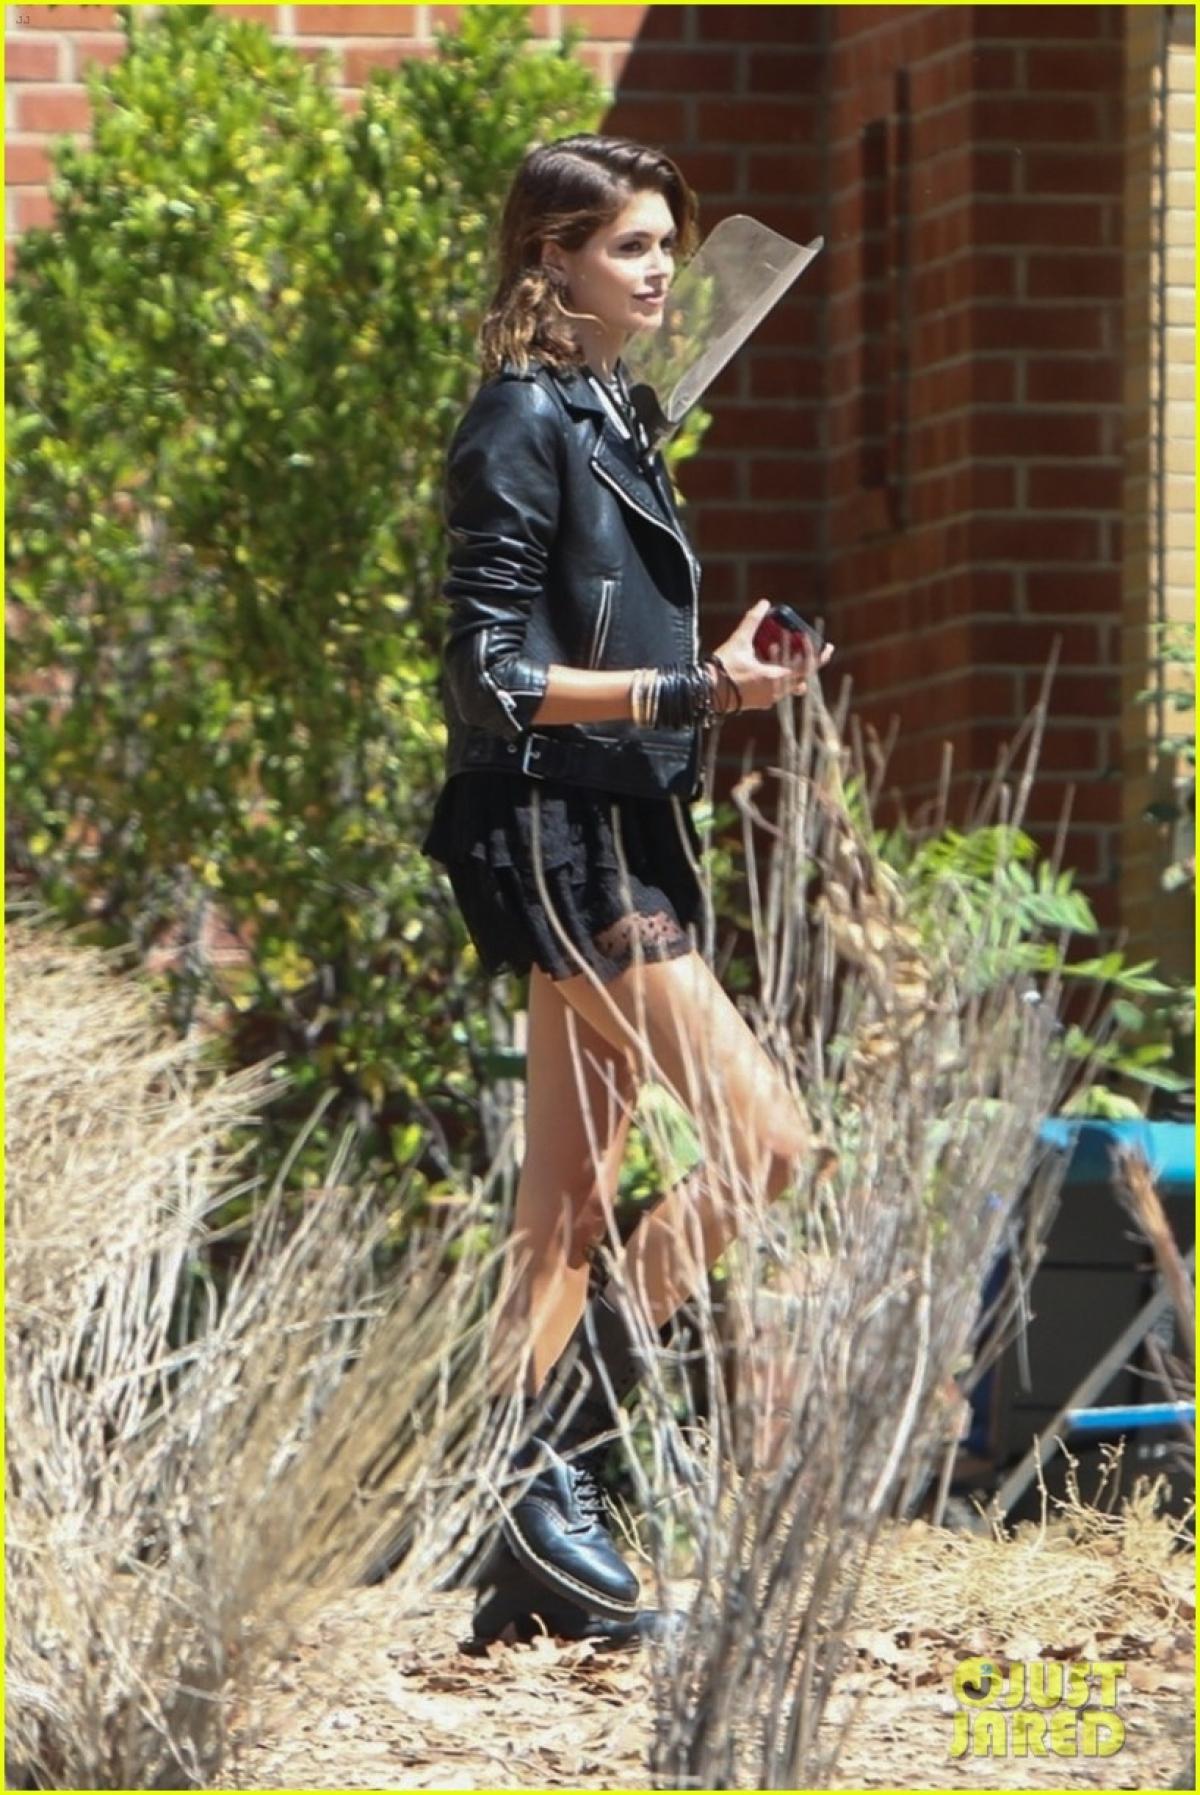 """Kaia Gerber xuất hiện trở lại trong mùa 10 của loạt phim kinh dị """"American Horror Story""""."""